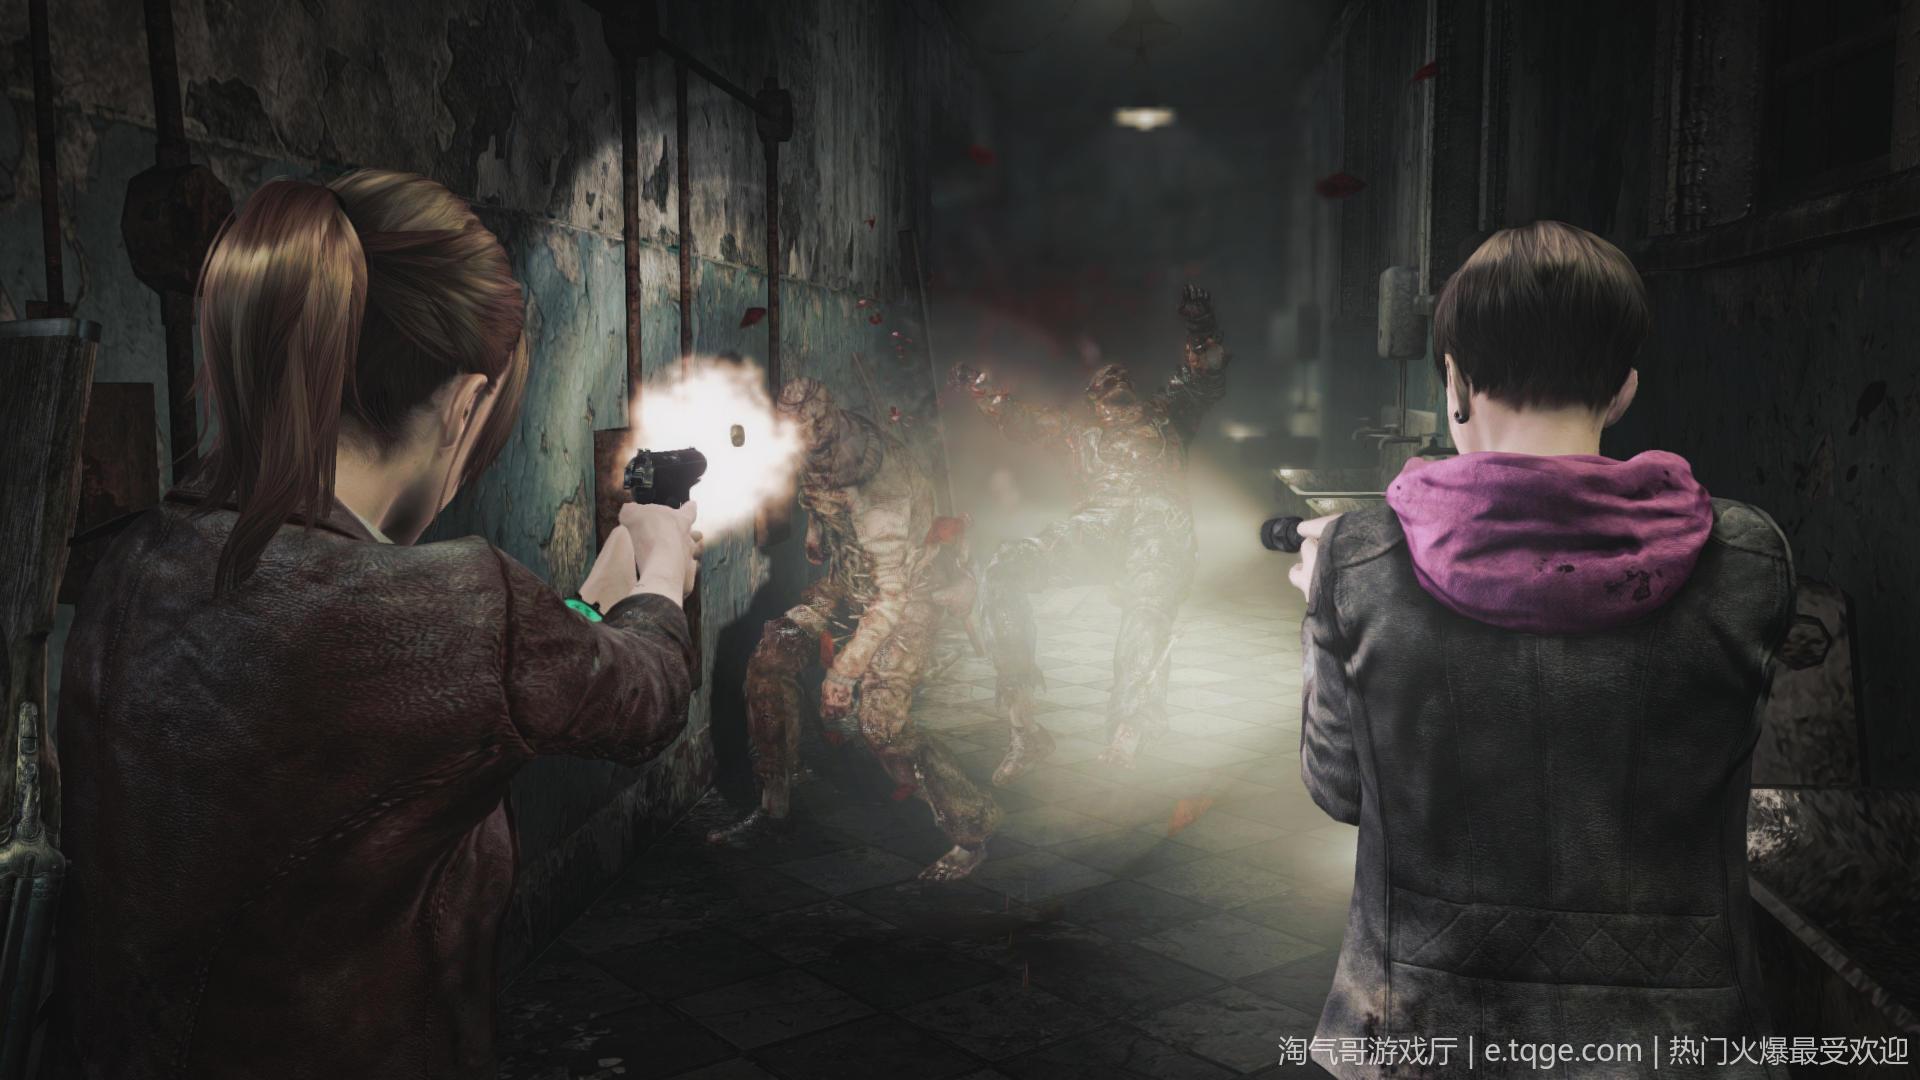 生化危机:启示录2 射击游戏 第2张